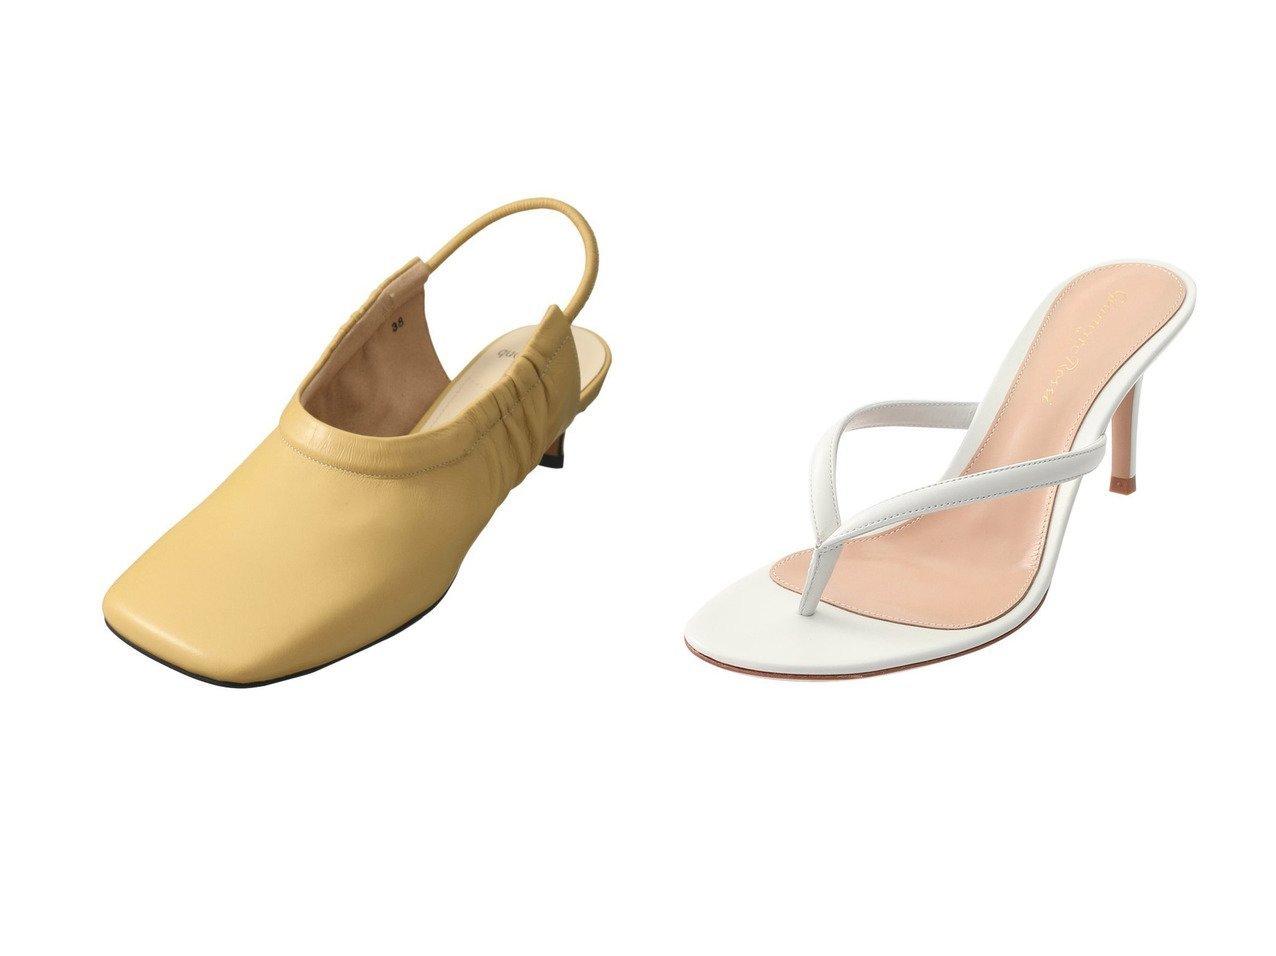 【ESSEN LAUTREAMONT/エッセン ロートレアモン】のスクエアトゥパンプス&【GIANVITO ROSSI/ジャンビト ロッシ】のCALYPSO トングサンダル 【シューズ・靴】おすすめ!人気、トレンド・レディースファッションの通販   おすすめで人気の流行・トレンド、ファッションの通販商品 メンズファッション・キッズファッション・インテリア・家具・レディースファッション・服の通販 founy(ファニー) https://founy.com/ ファッション Fashion レディースファッション WOMEN 2021年 2021 2021春夏・S/S SS/Spring/Summer/2021 S/S・春夏 SS・Spring/Summer インソール クッション サンダル シンプル 春 Spring |ID:crp329100000026876